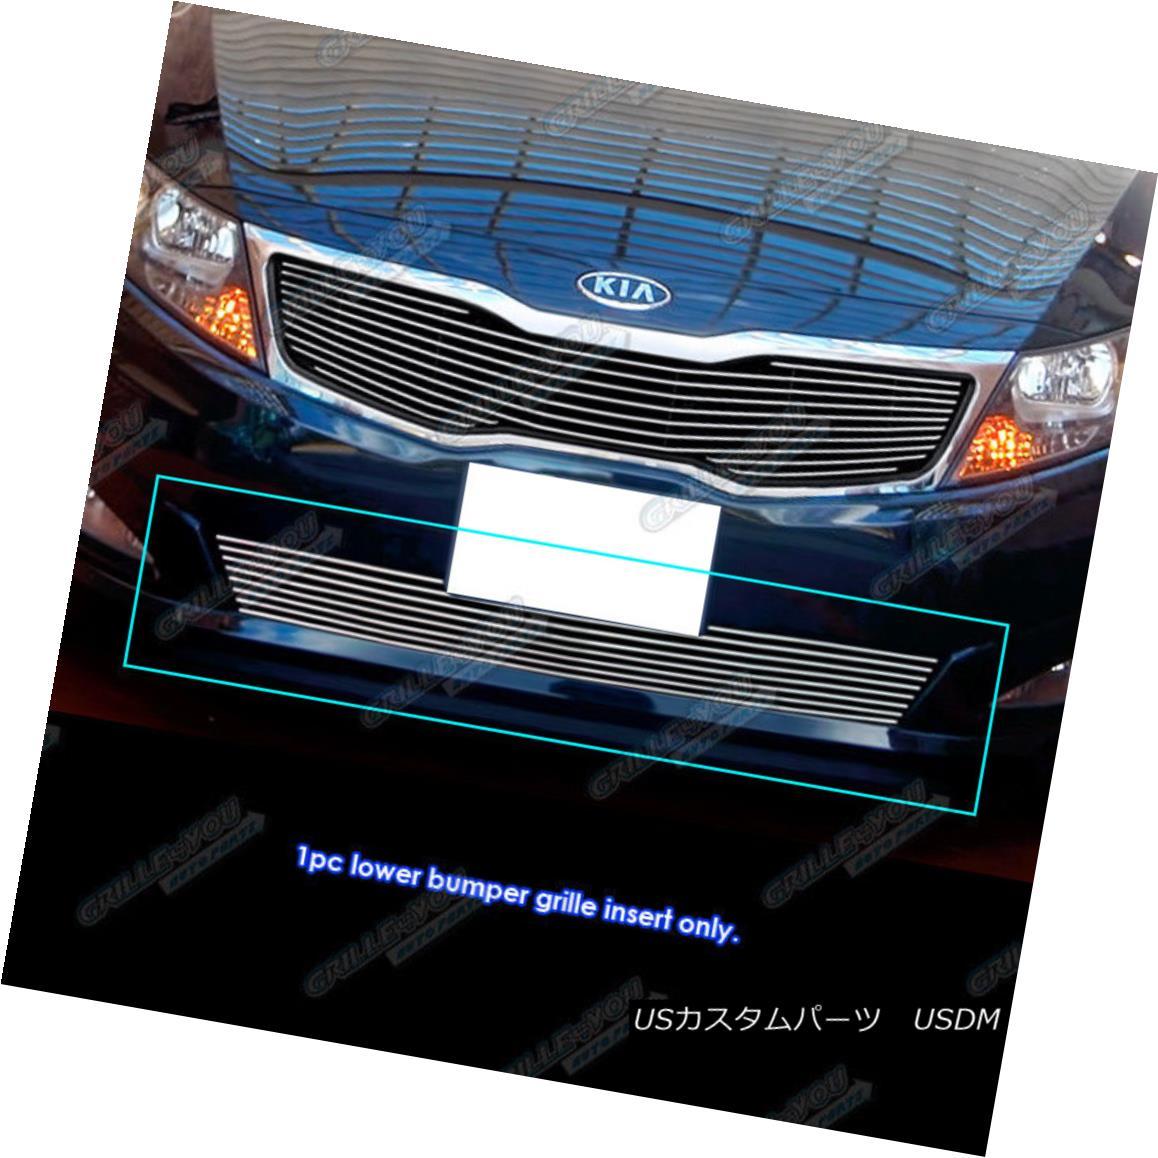 グリル Fits 2011-2013 Kia Optima Main Upper Billet Grille Grill Insert 2011-2013年に適合します。Kia Optimaメインアッパービレットグリルグリルインサート